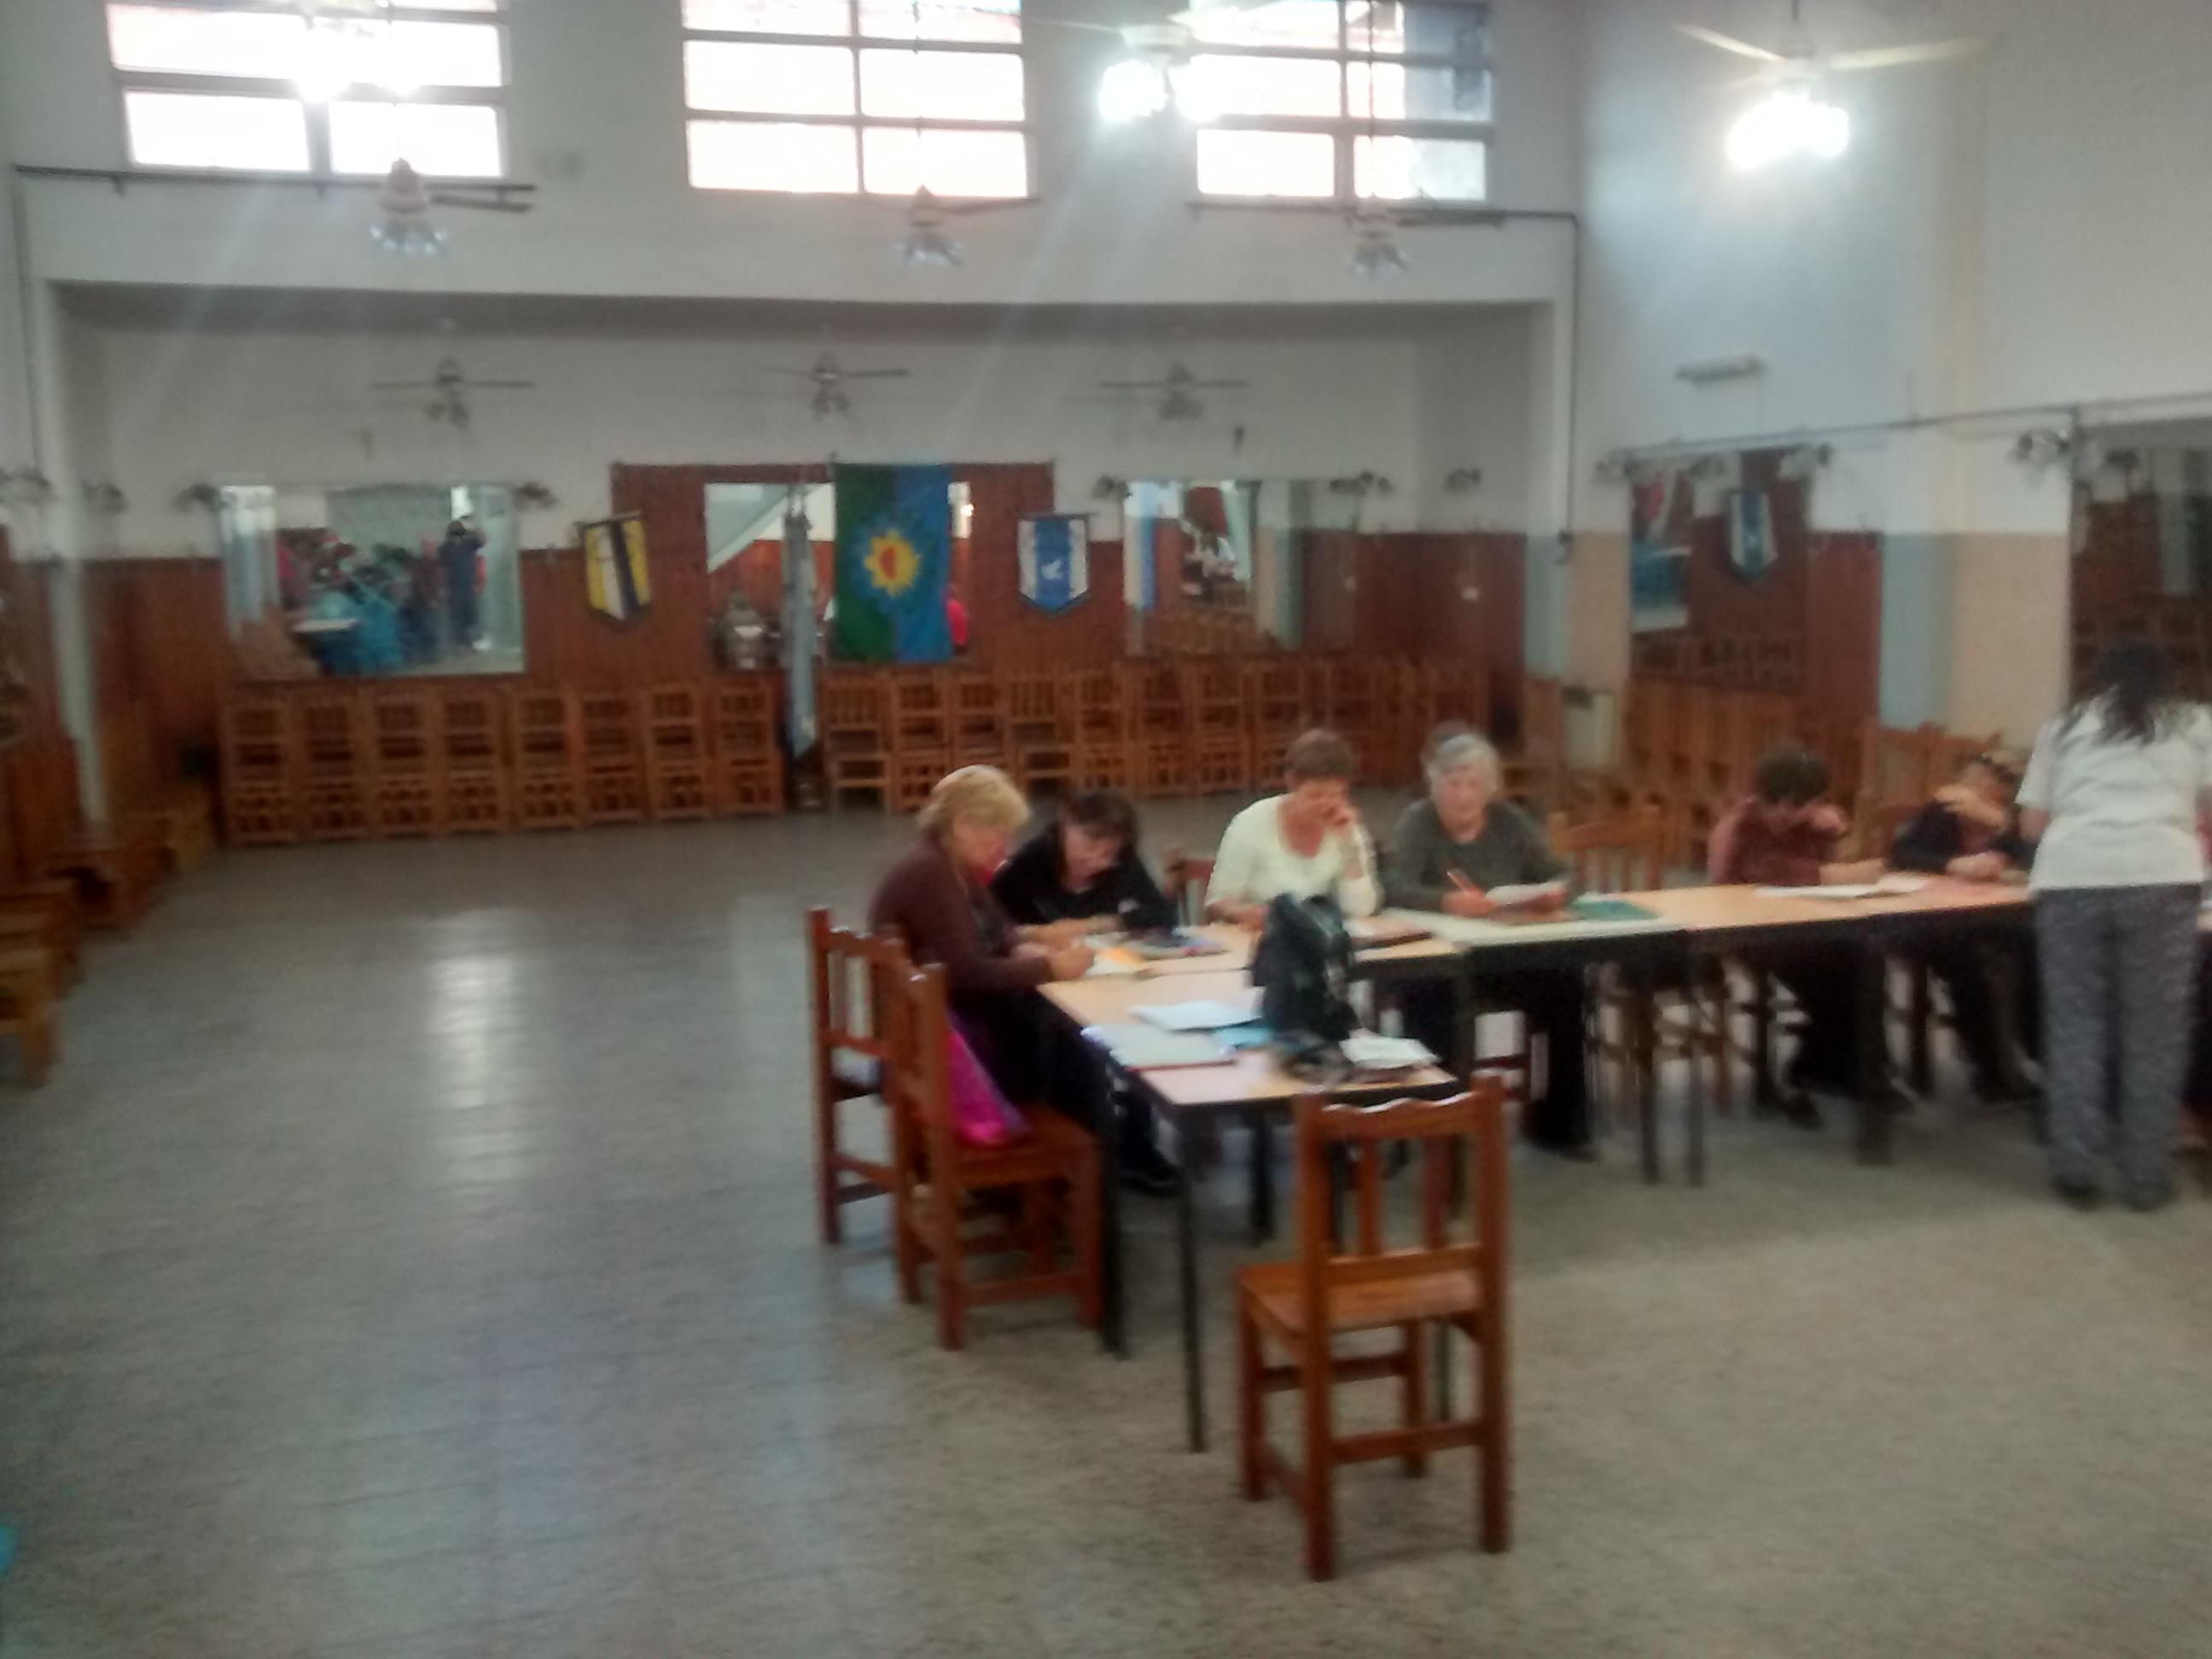 Sociedad de Fomento Bartolomé Mitre 2 - Sociedad de Fomento y Centro de Jubilados Bartolomé Mitre